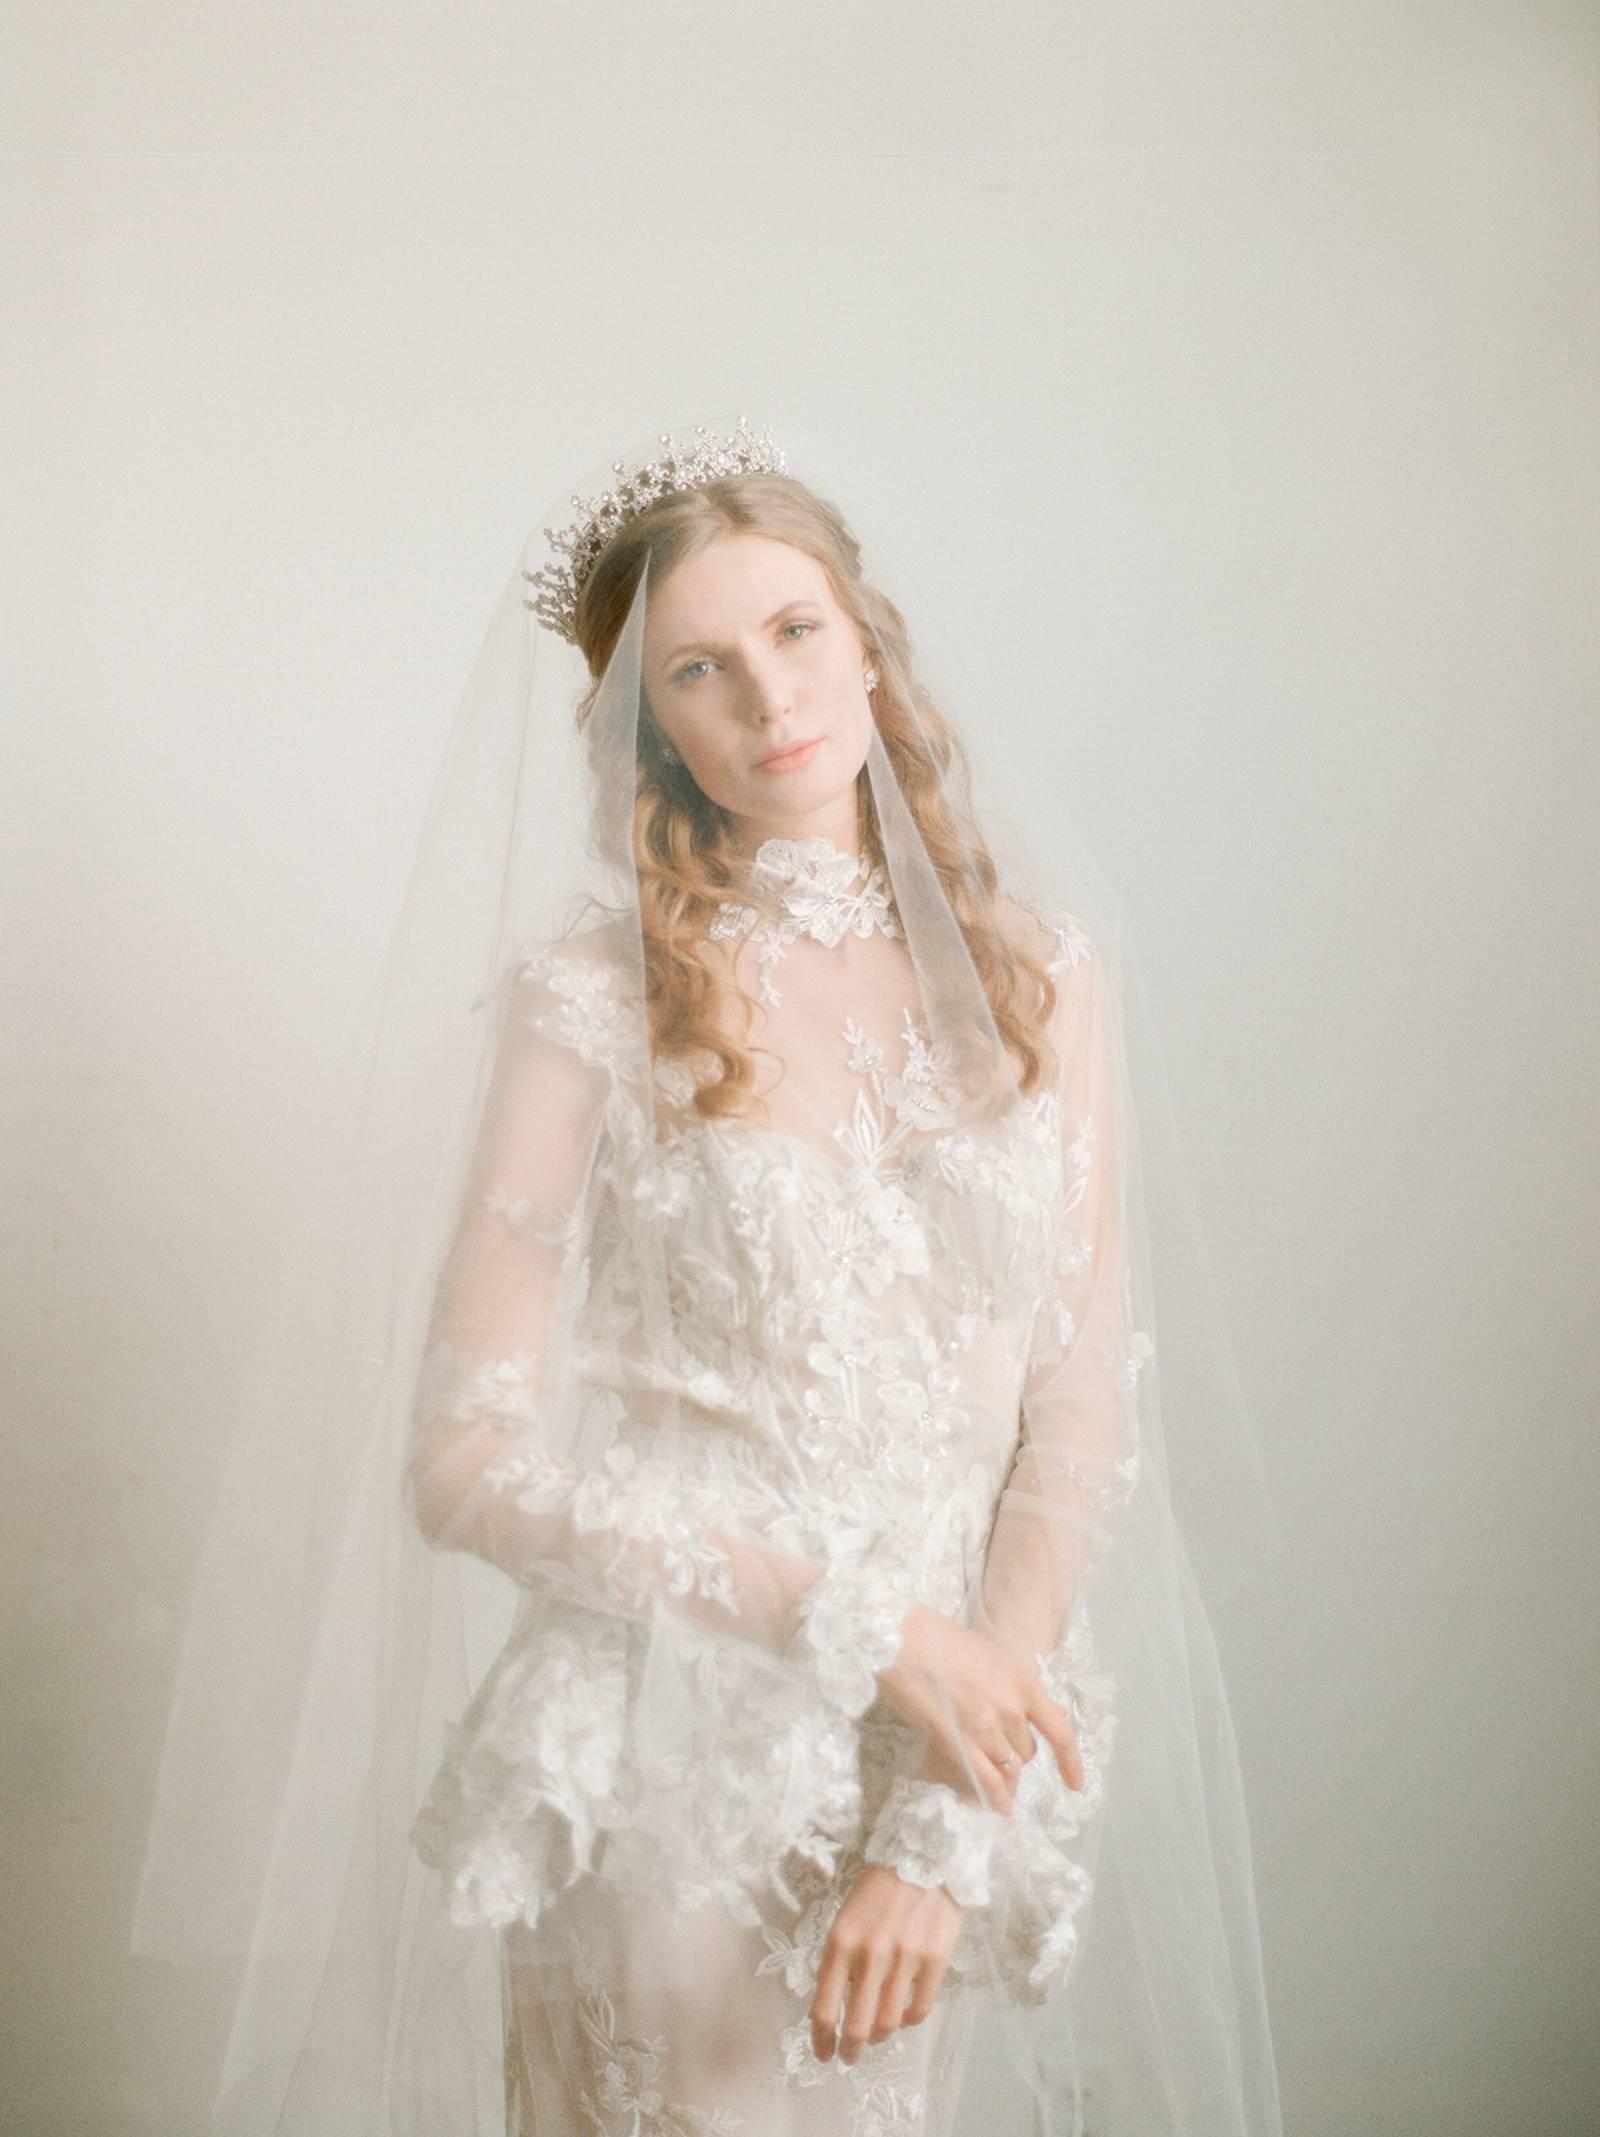 Ont Ethereal Bridal Shoot Inspired By Greek Mythology